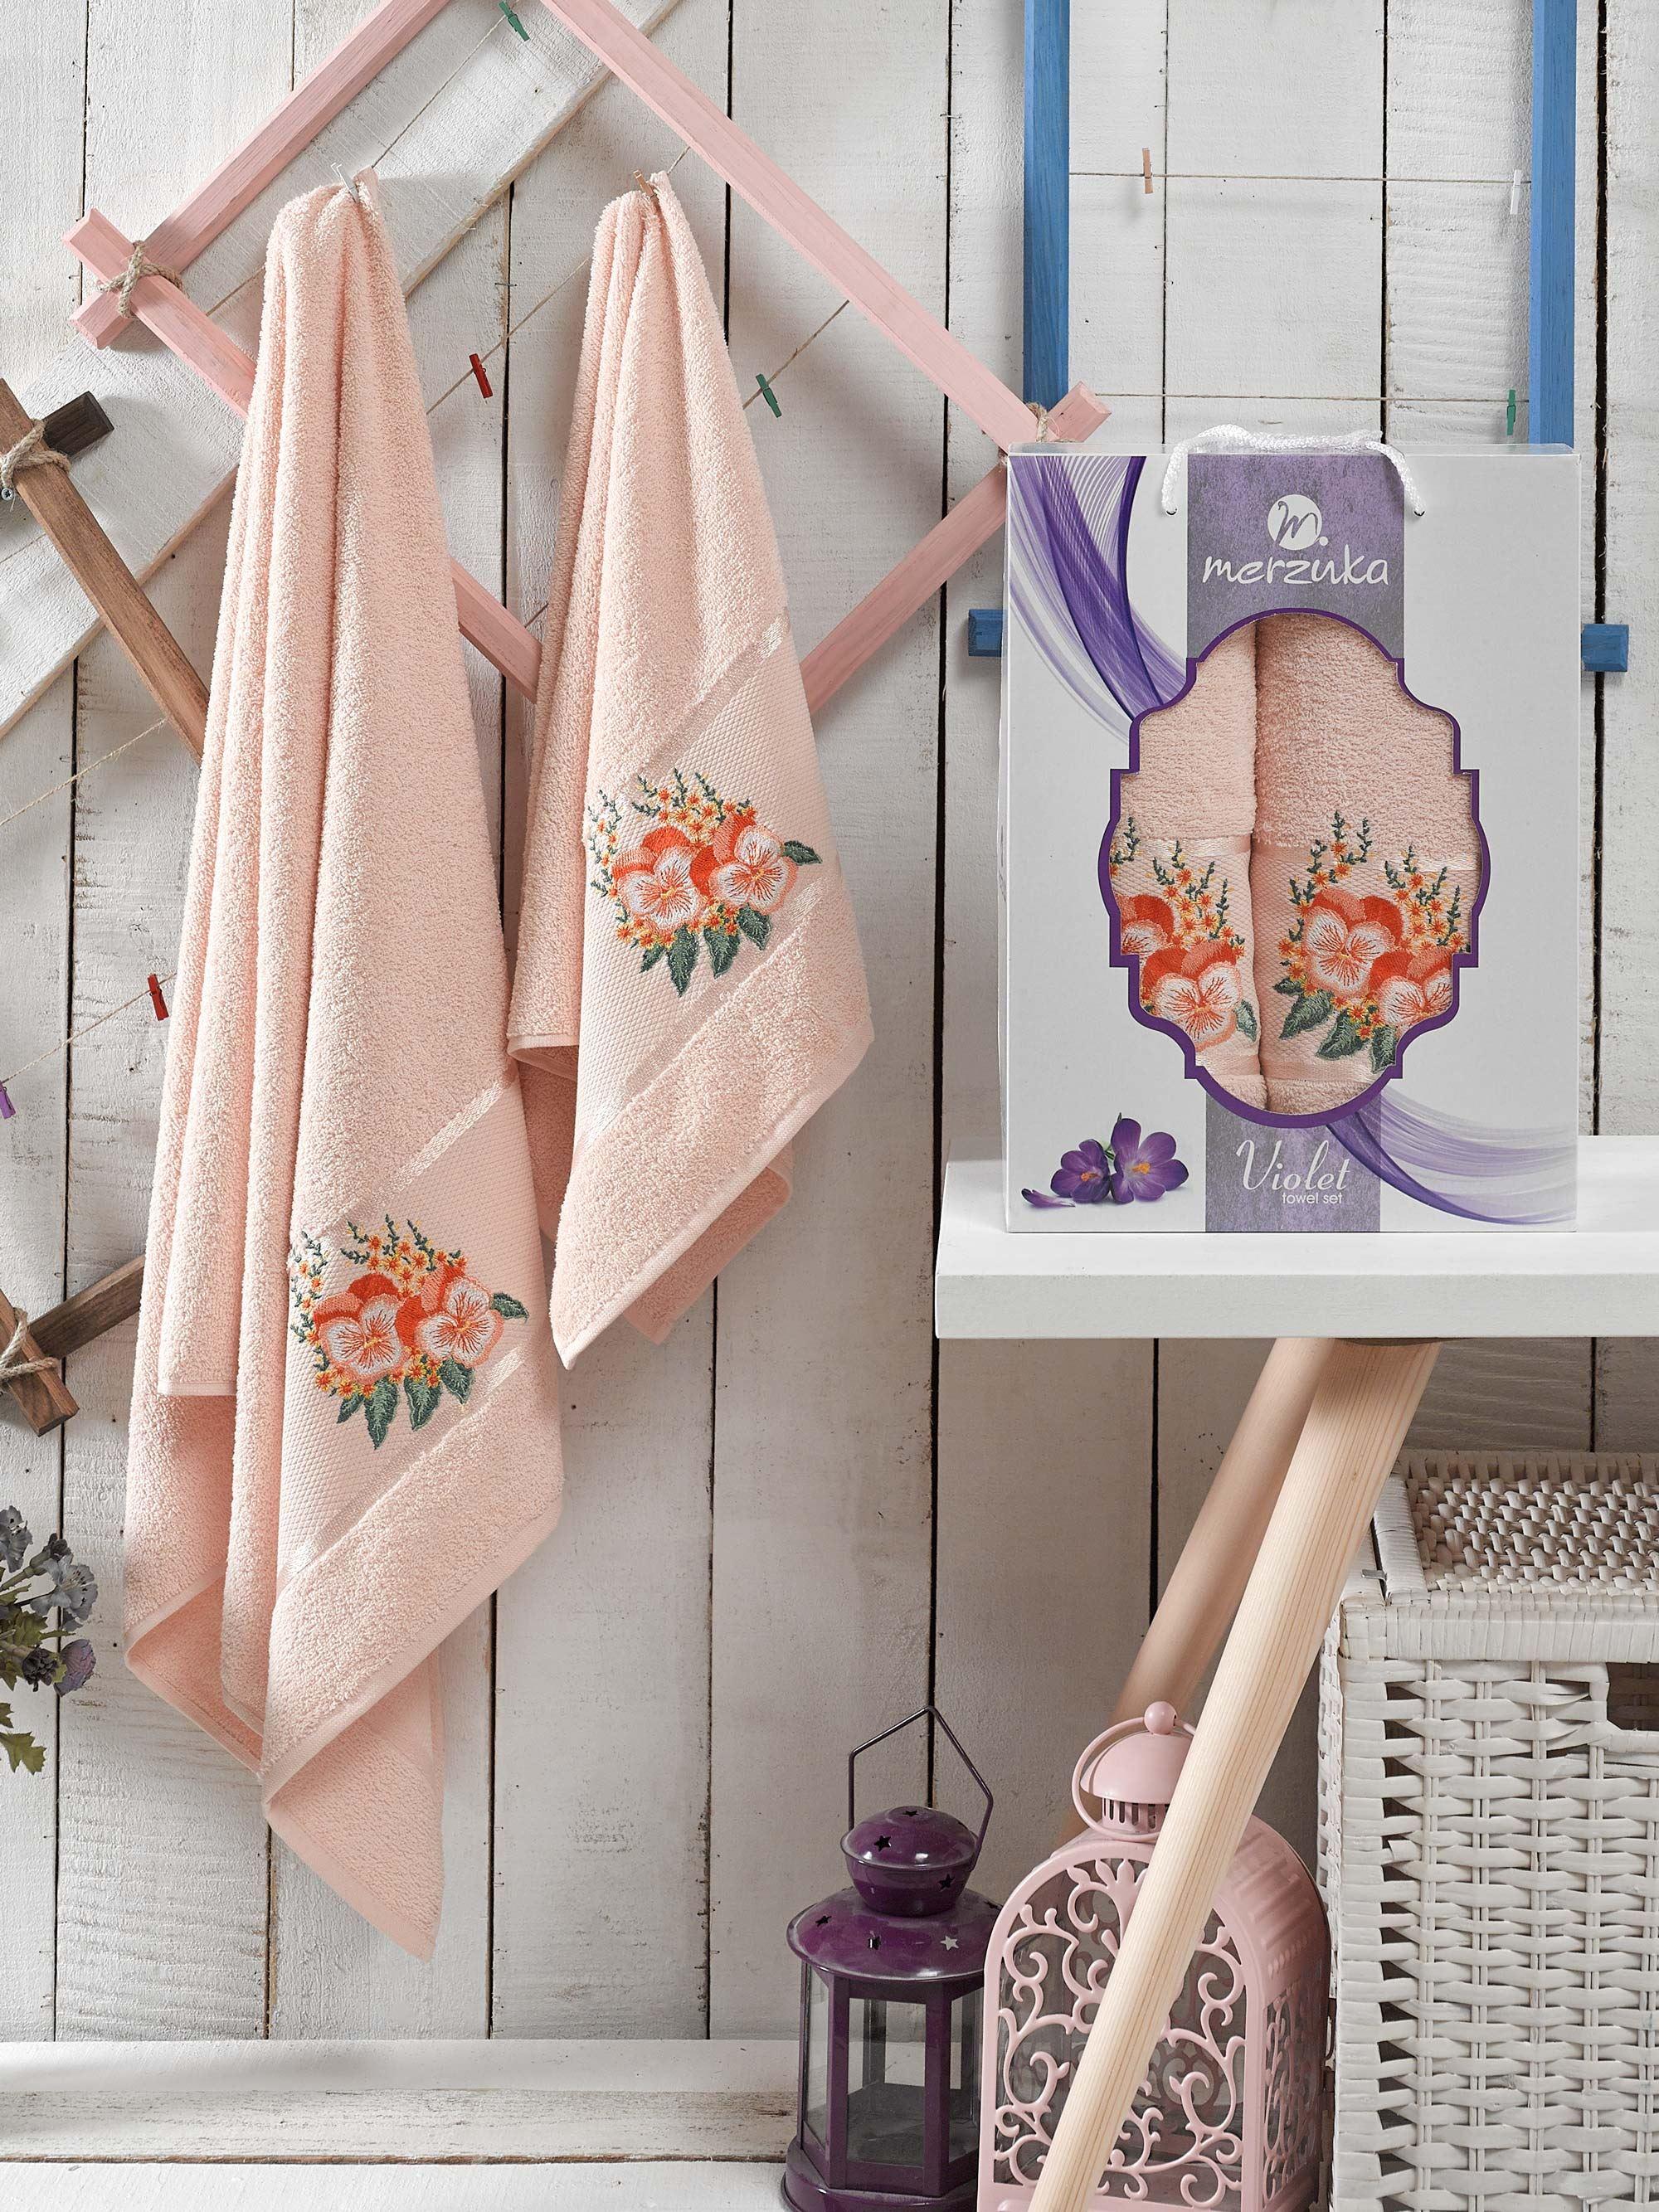 Полотенца Oran Merzuka Полотенце Violet Цвет: Пудра (50х80 см,70х130 см) полотенца oran merzuka полотенце daisy цвет сиреневый 50х80 см 2 шт 70х130 см